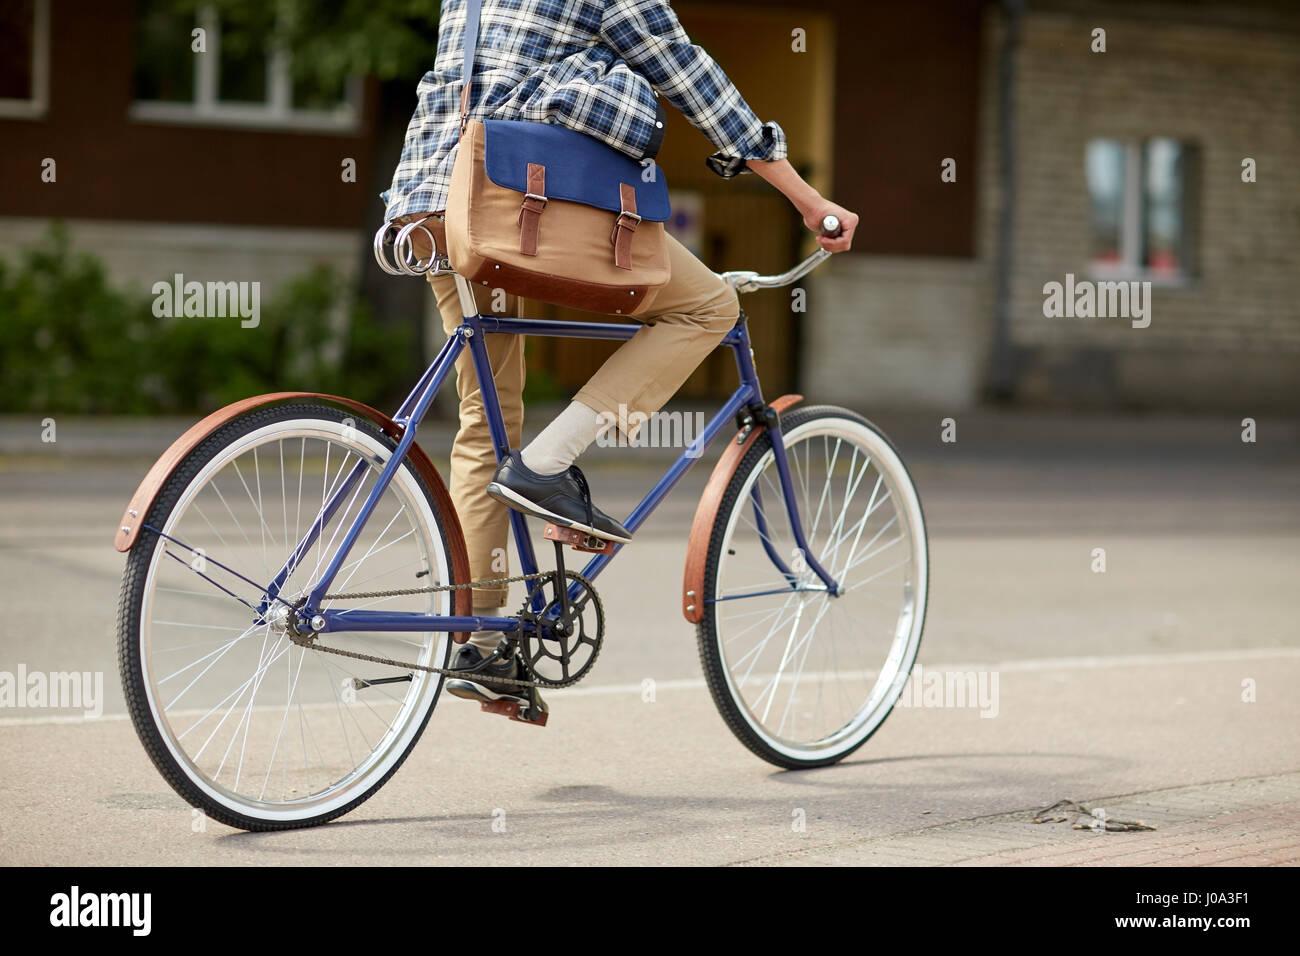 125d11c4c0fac5 Giovane uomo tanga con sacchetto in sella fixed gear bike Foto ...